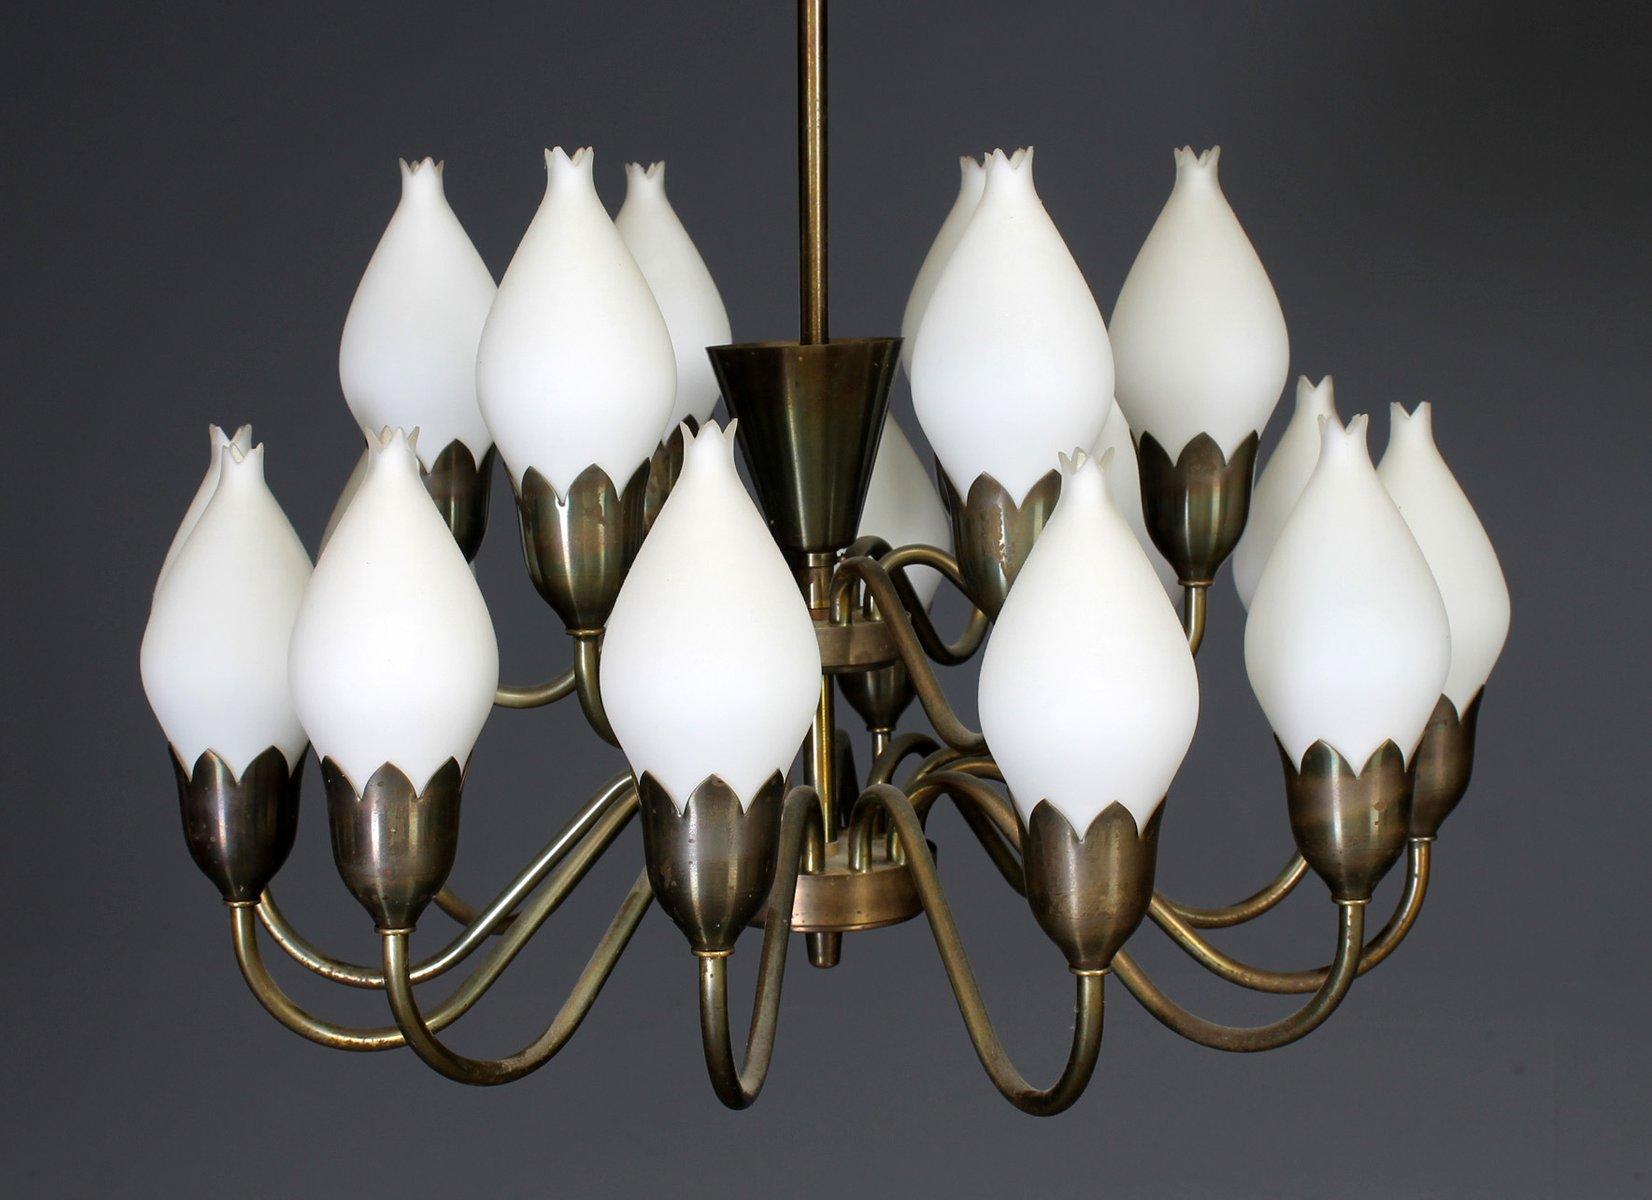 Kronleuchter Mit Lampenschirm ~ Großer kronleuchter mit glas lampenschirmen von fog mørup